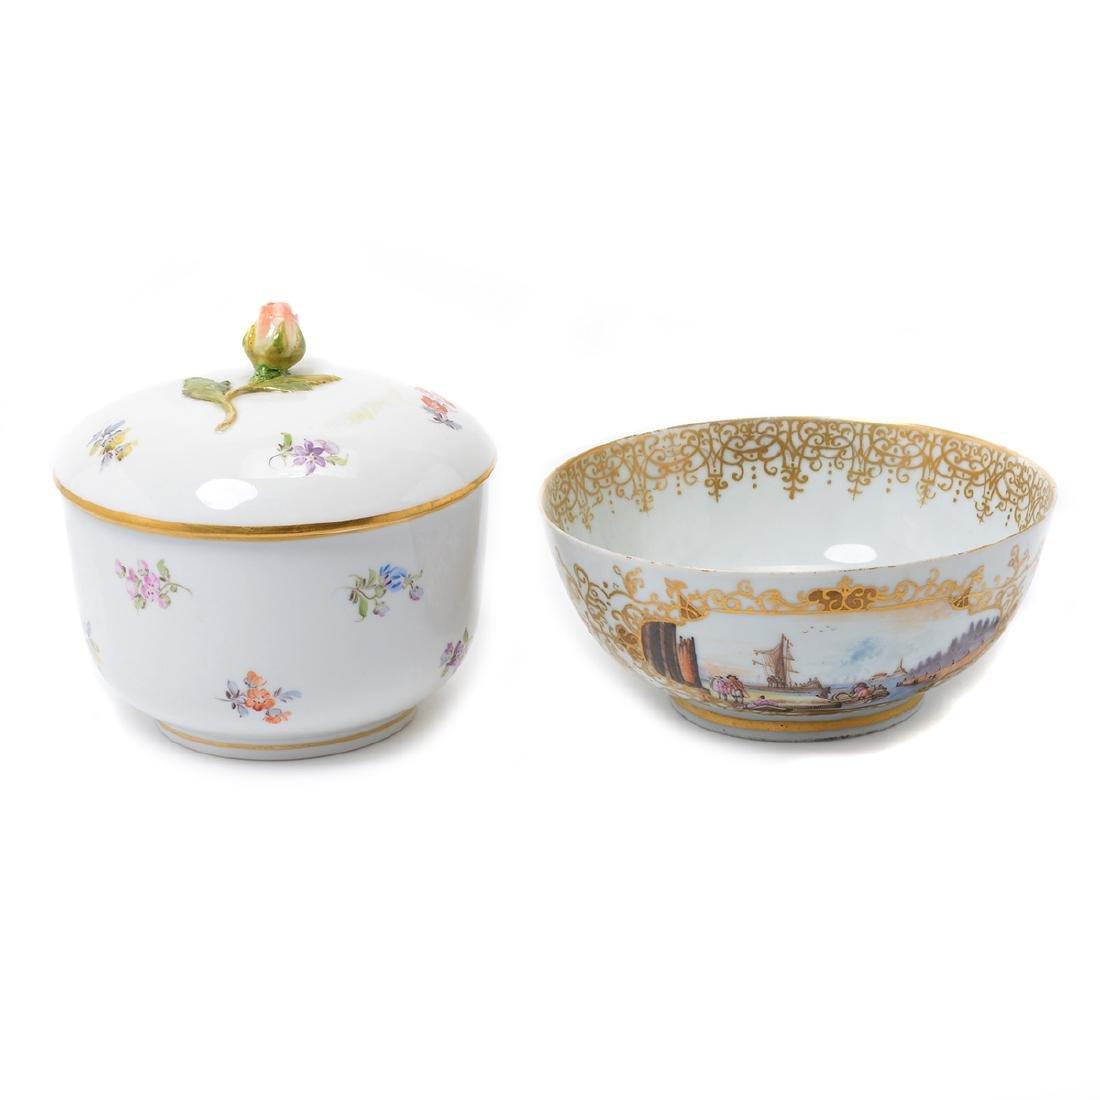 German Porcelain Bowl with Landscape Vignettes, 18th